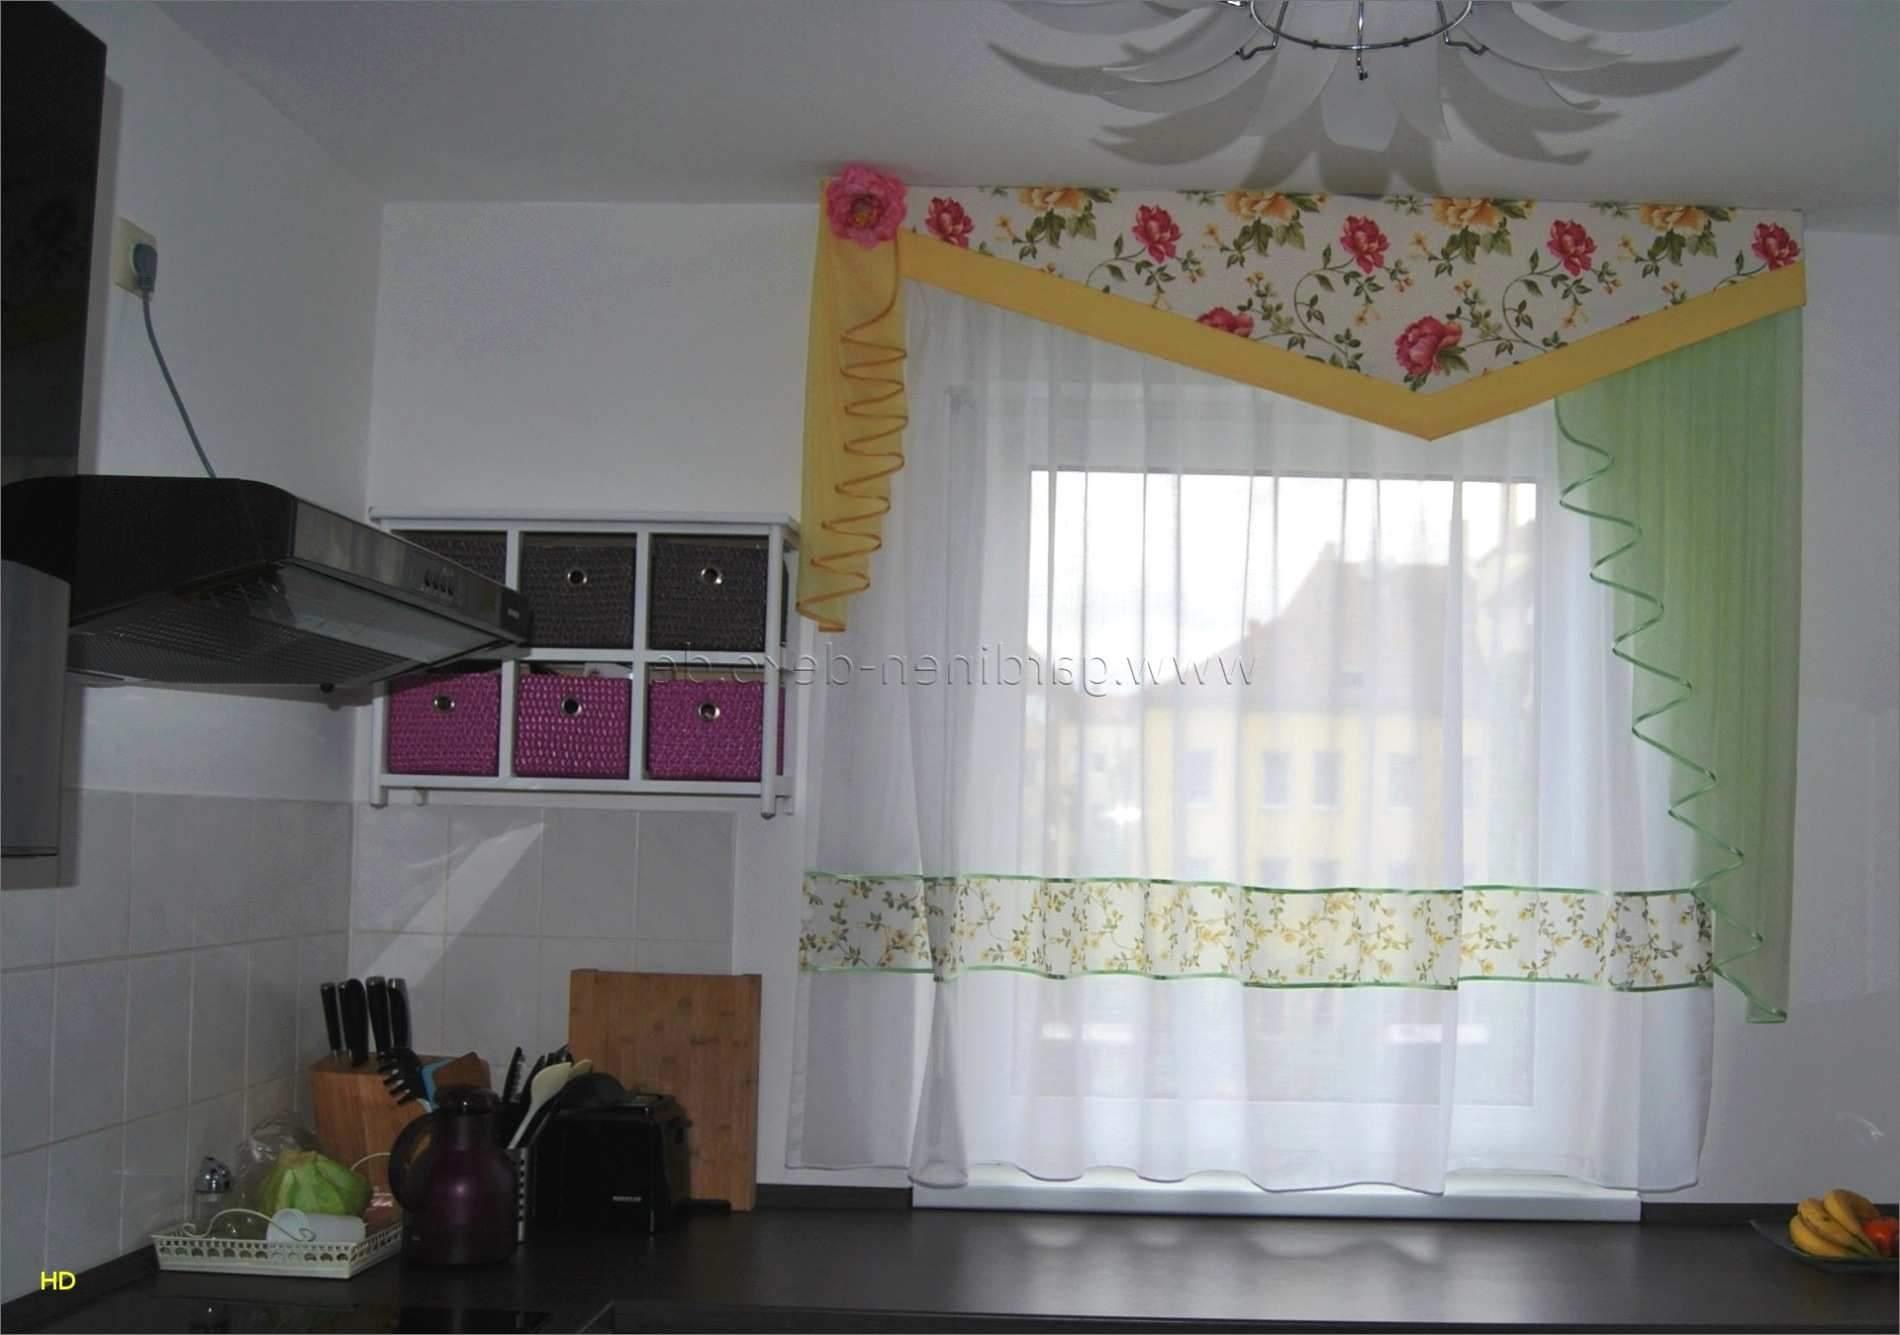 Full Size of Gardinen Stores Für Wohnzimmer Inspirierend Küche Vorhänge Ideen Küche Gardinen Für Küche